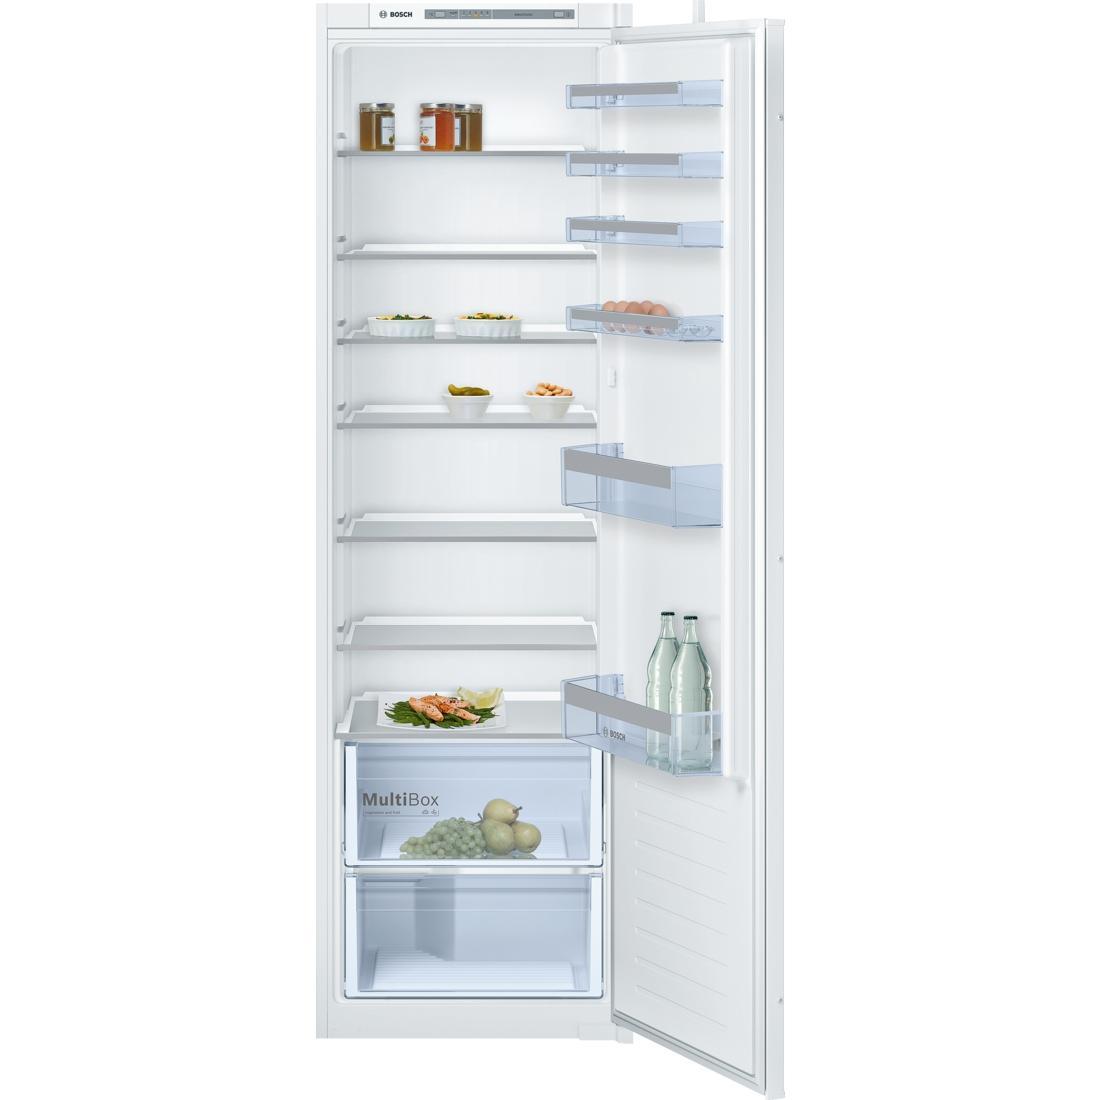 Photo Réfrigérateur Bosch 1 Porte Intégrable KIR81VS30